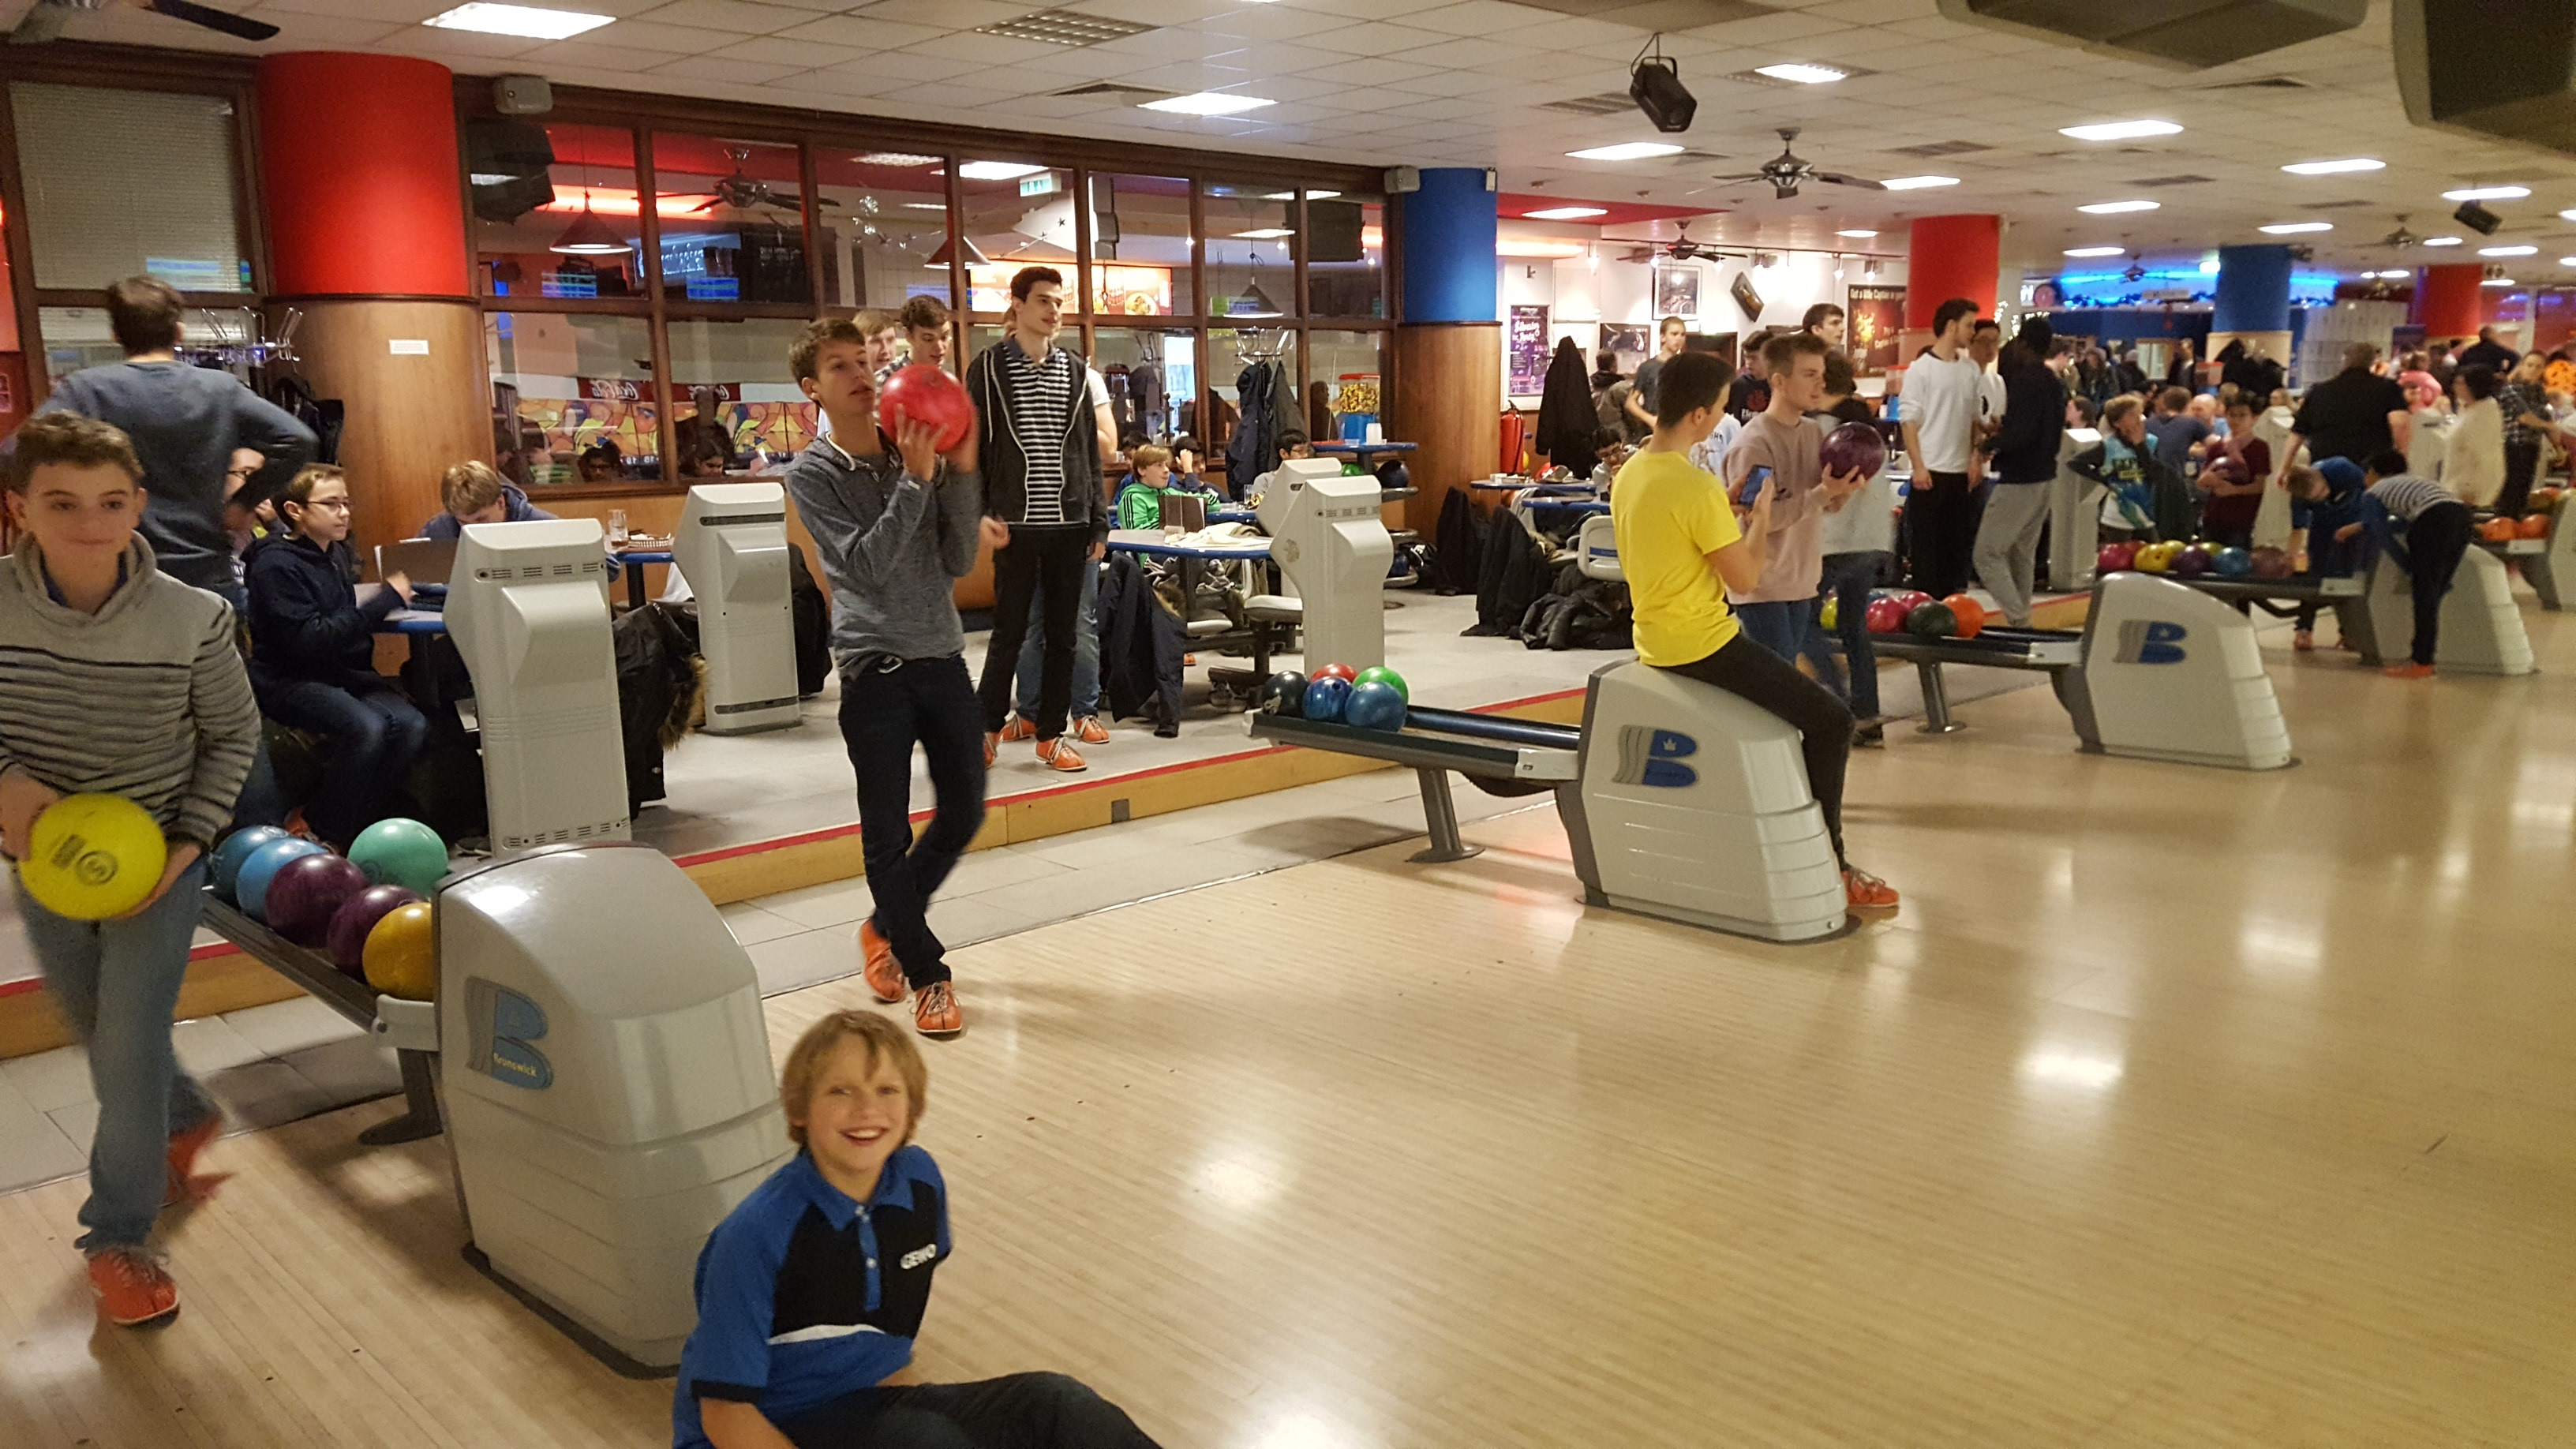 20161217_165623-bowlingbahn